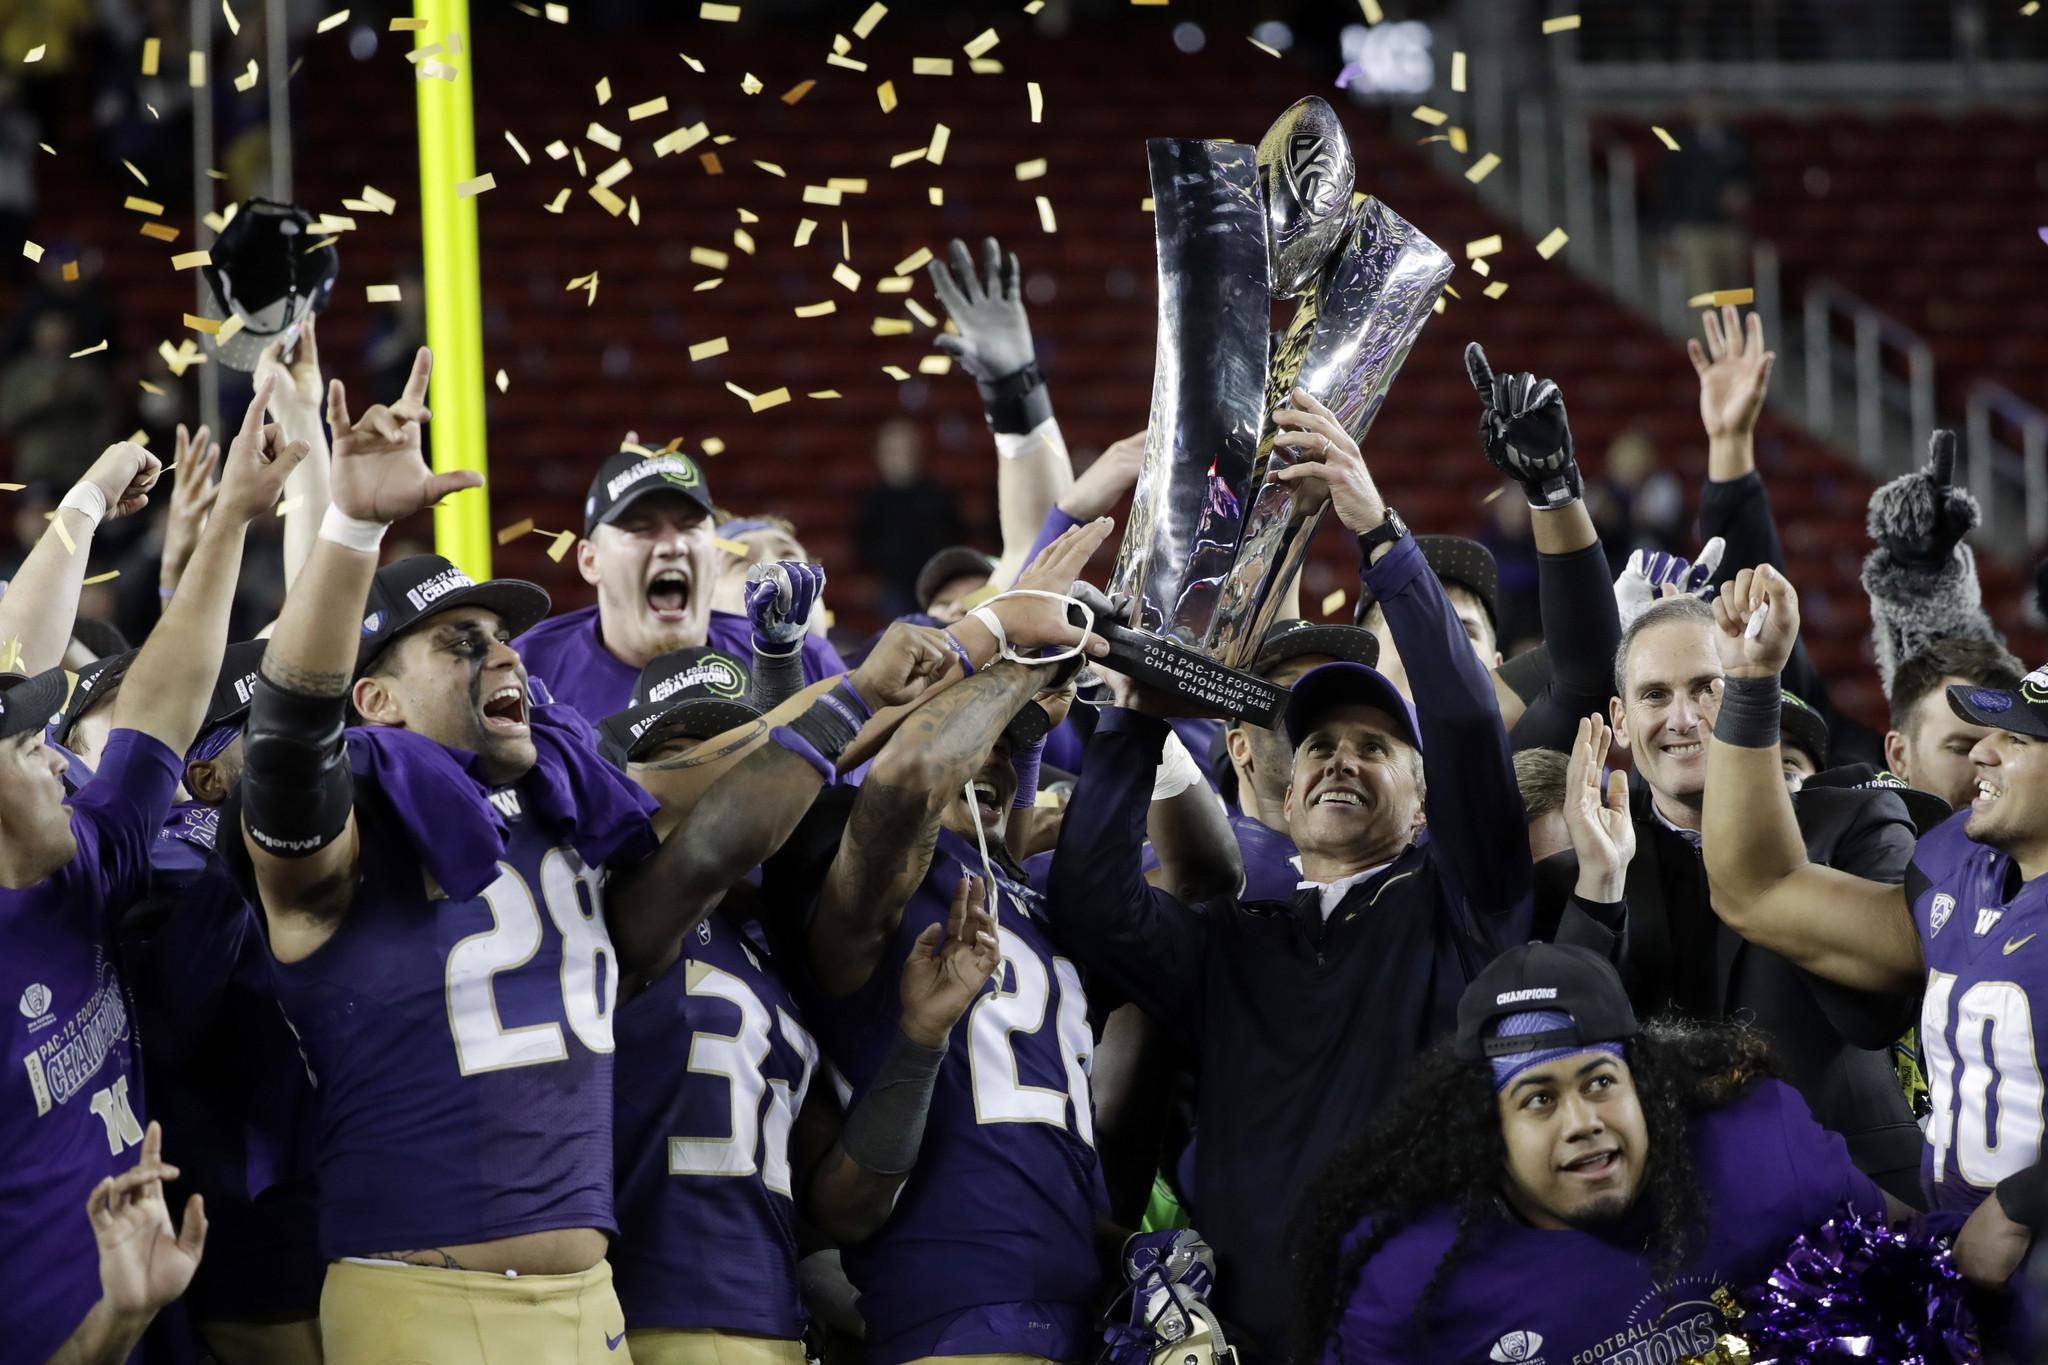 Ct-haugh-college-football-playoffs-spt-1206-20161205